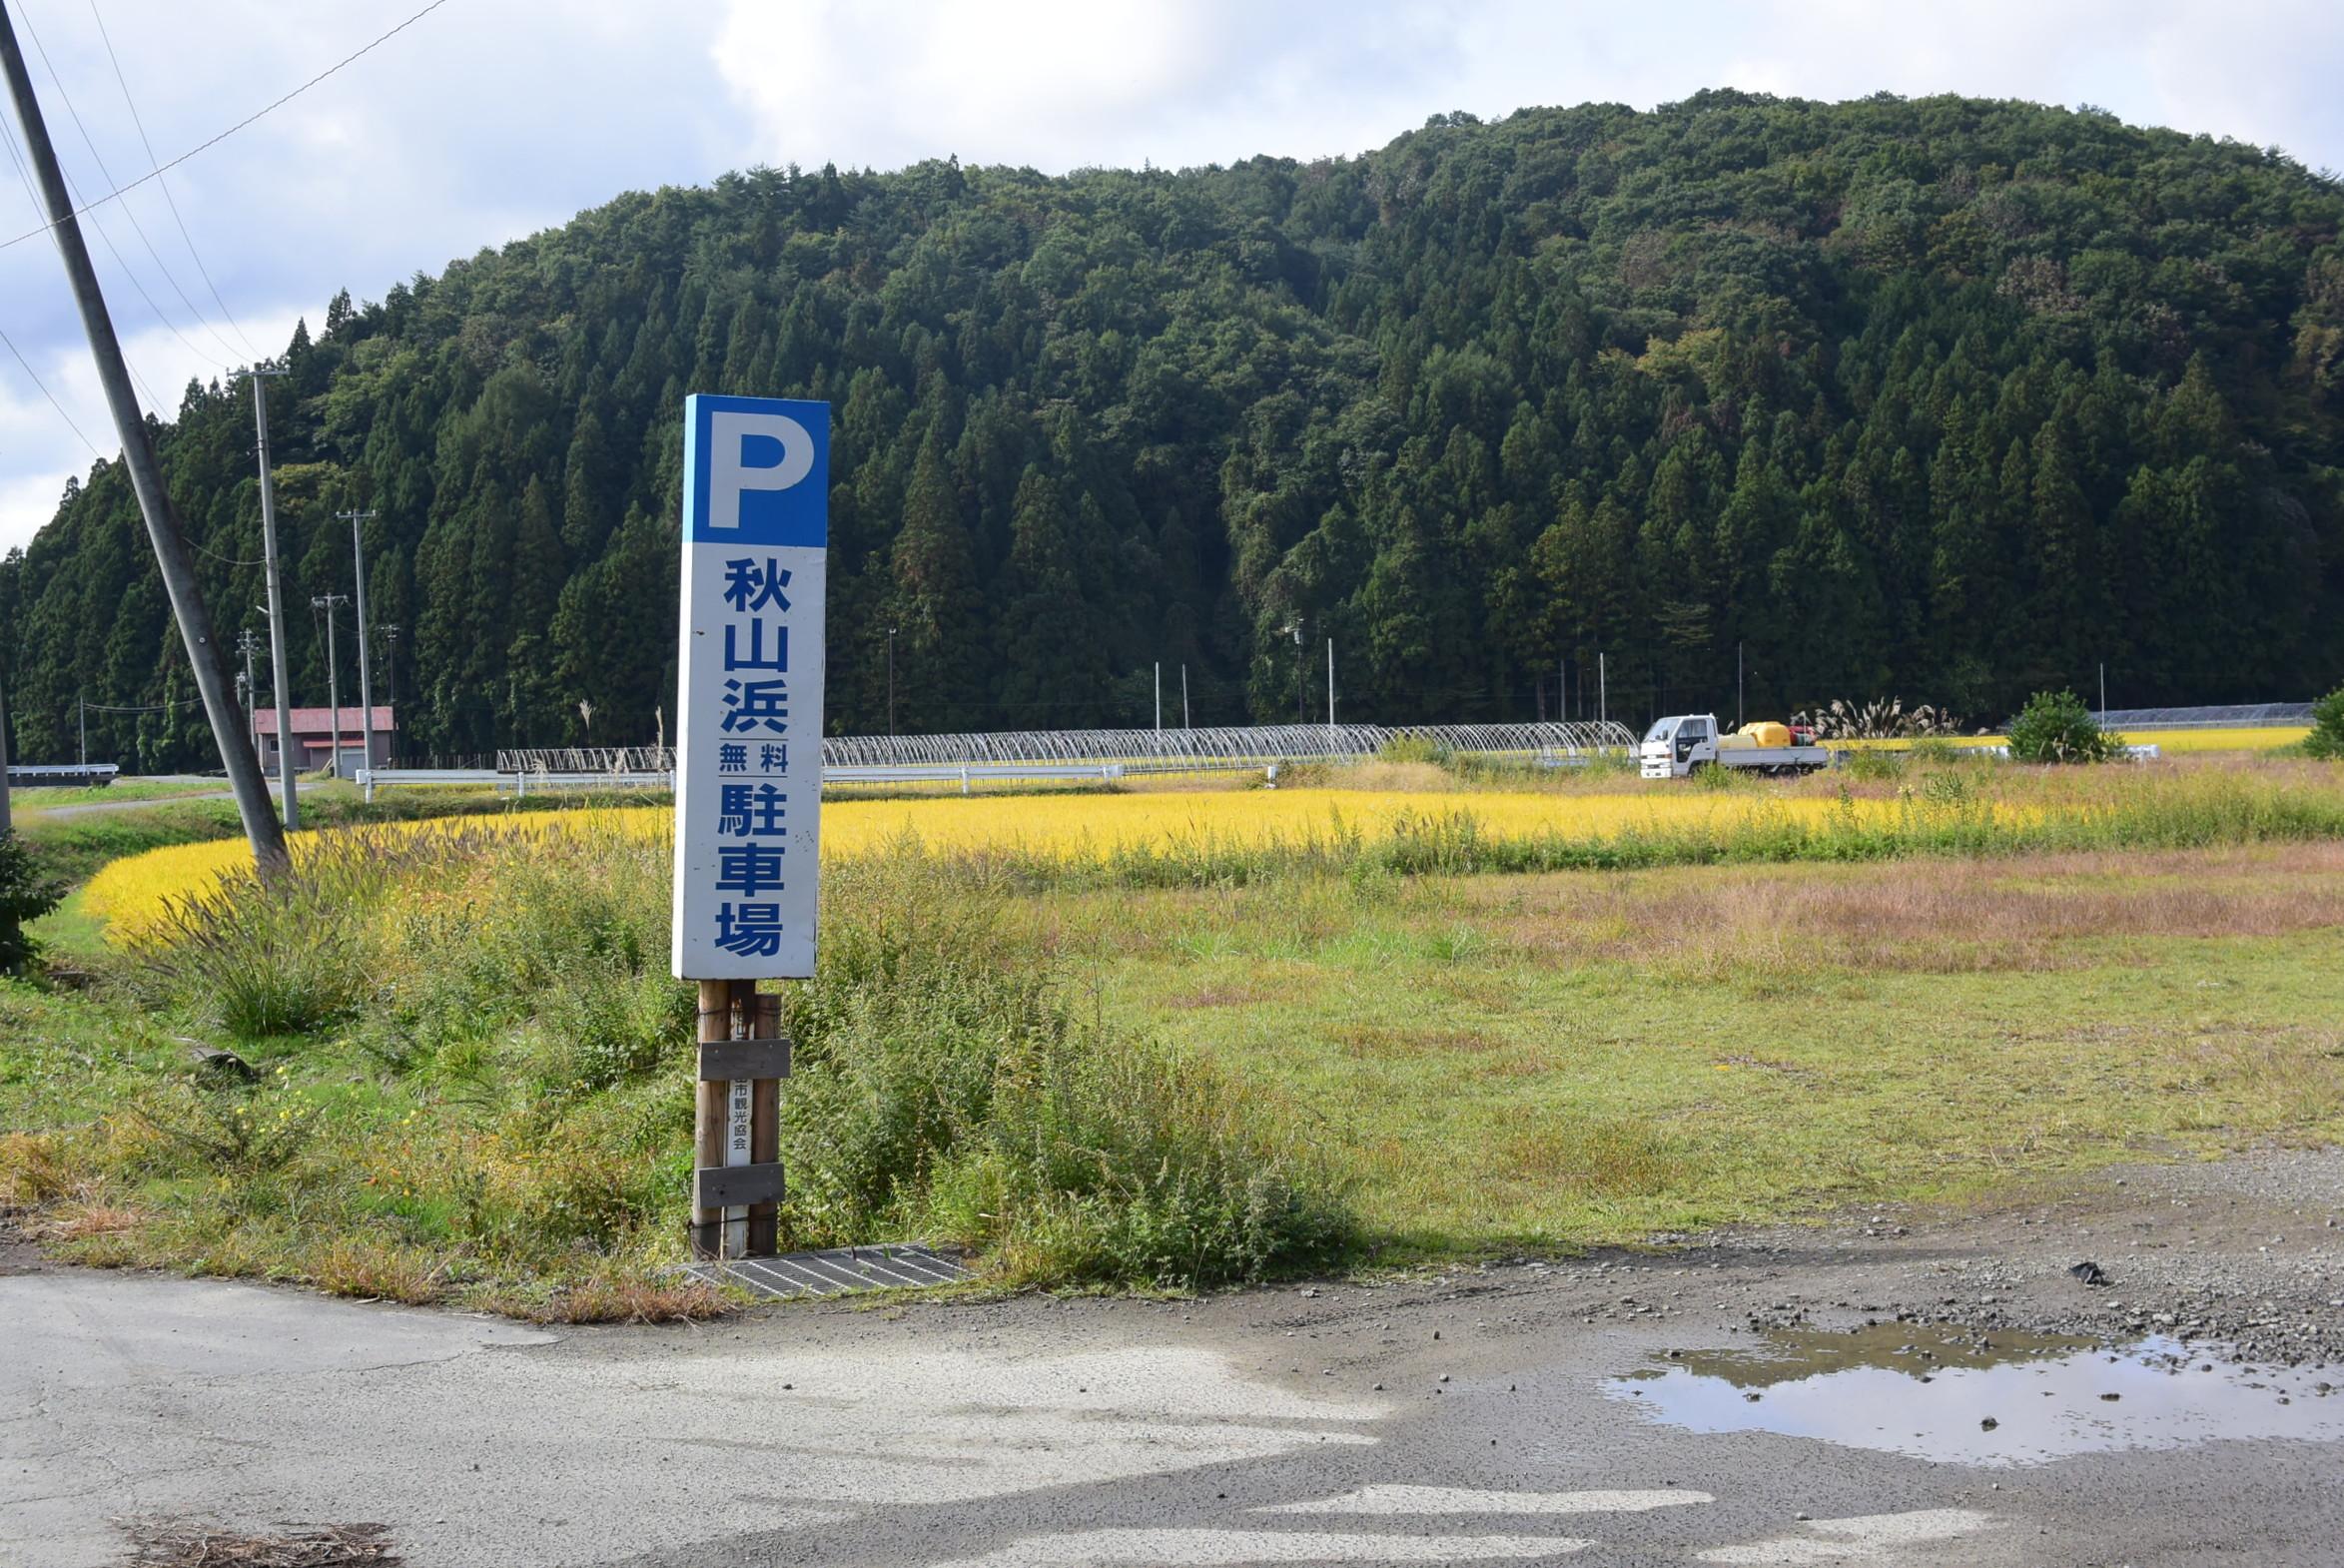 福島の秋山浜キャンプ場で秋キャンプ